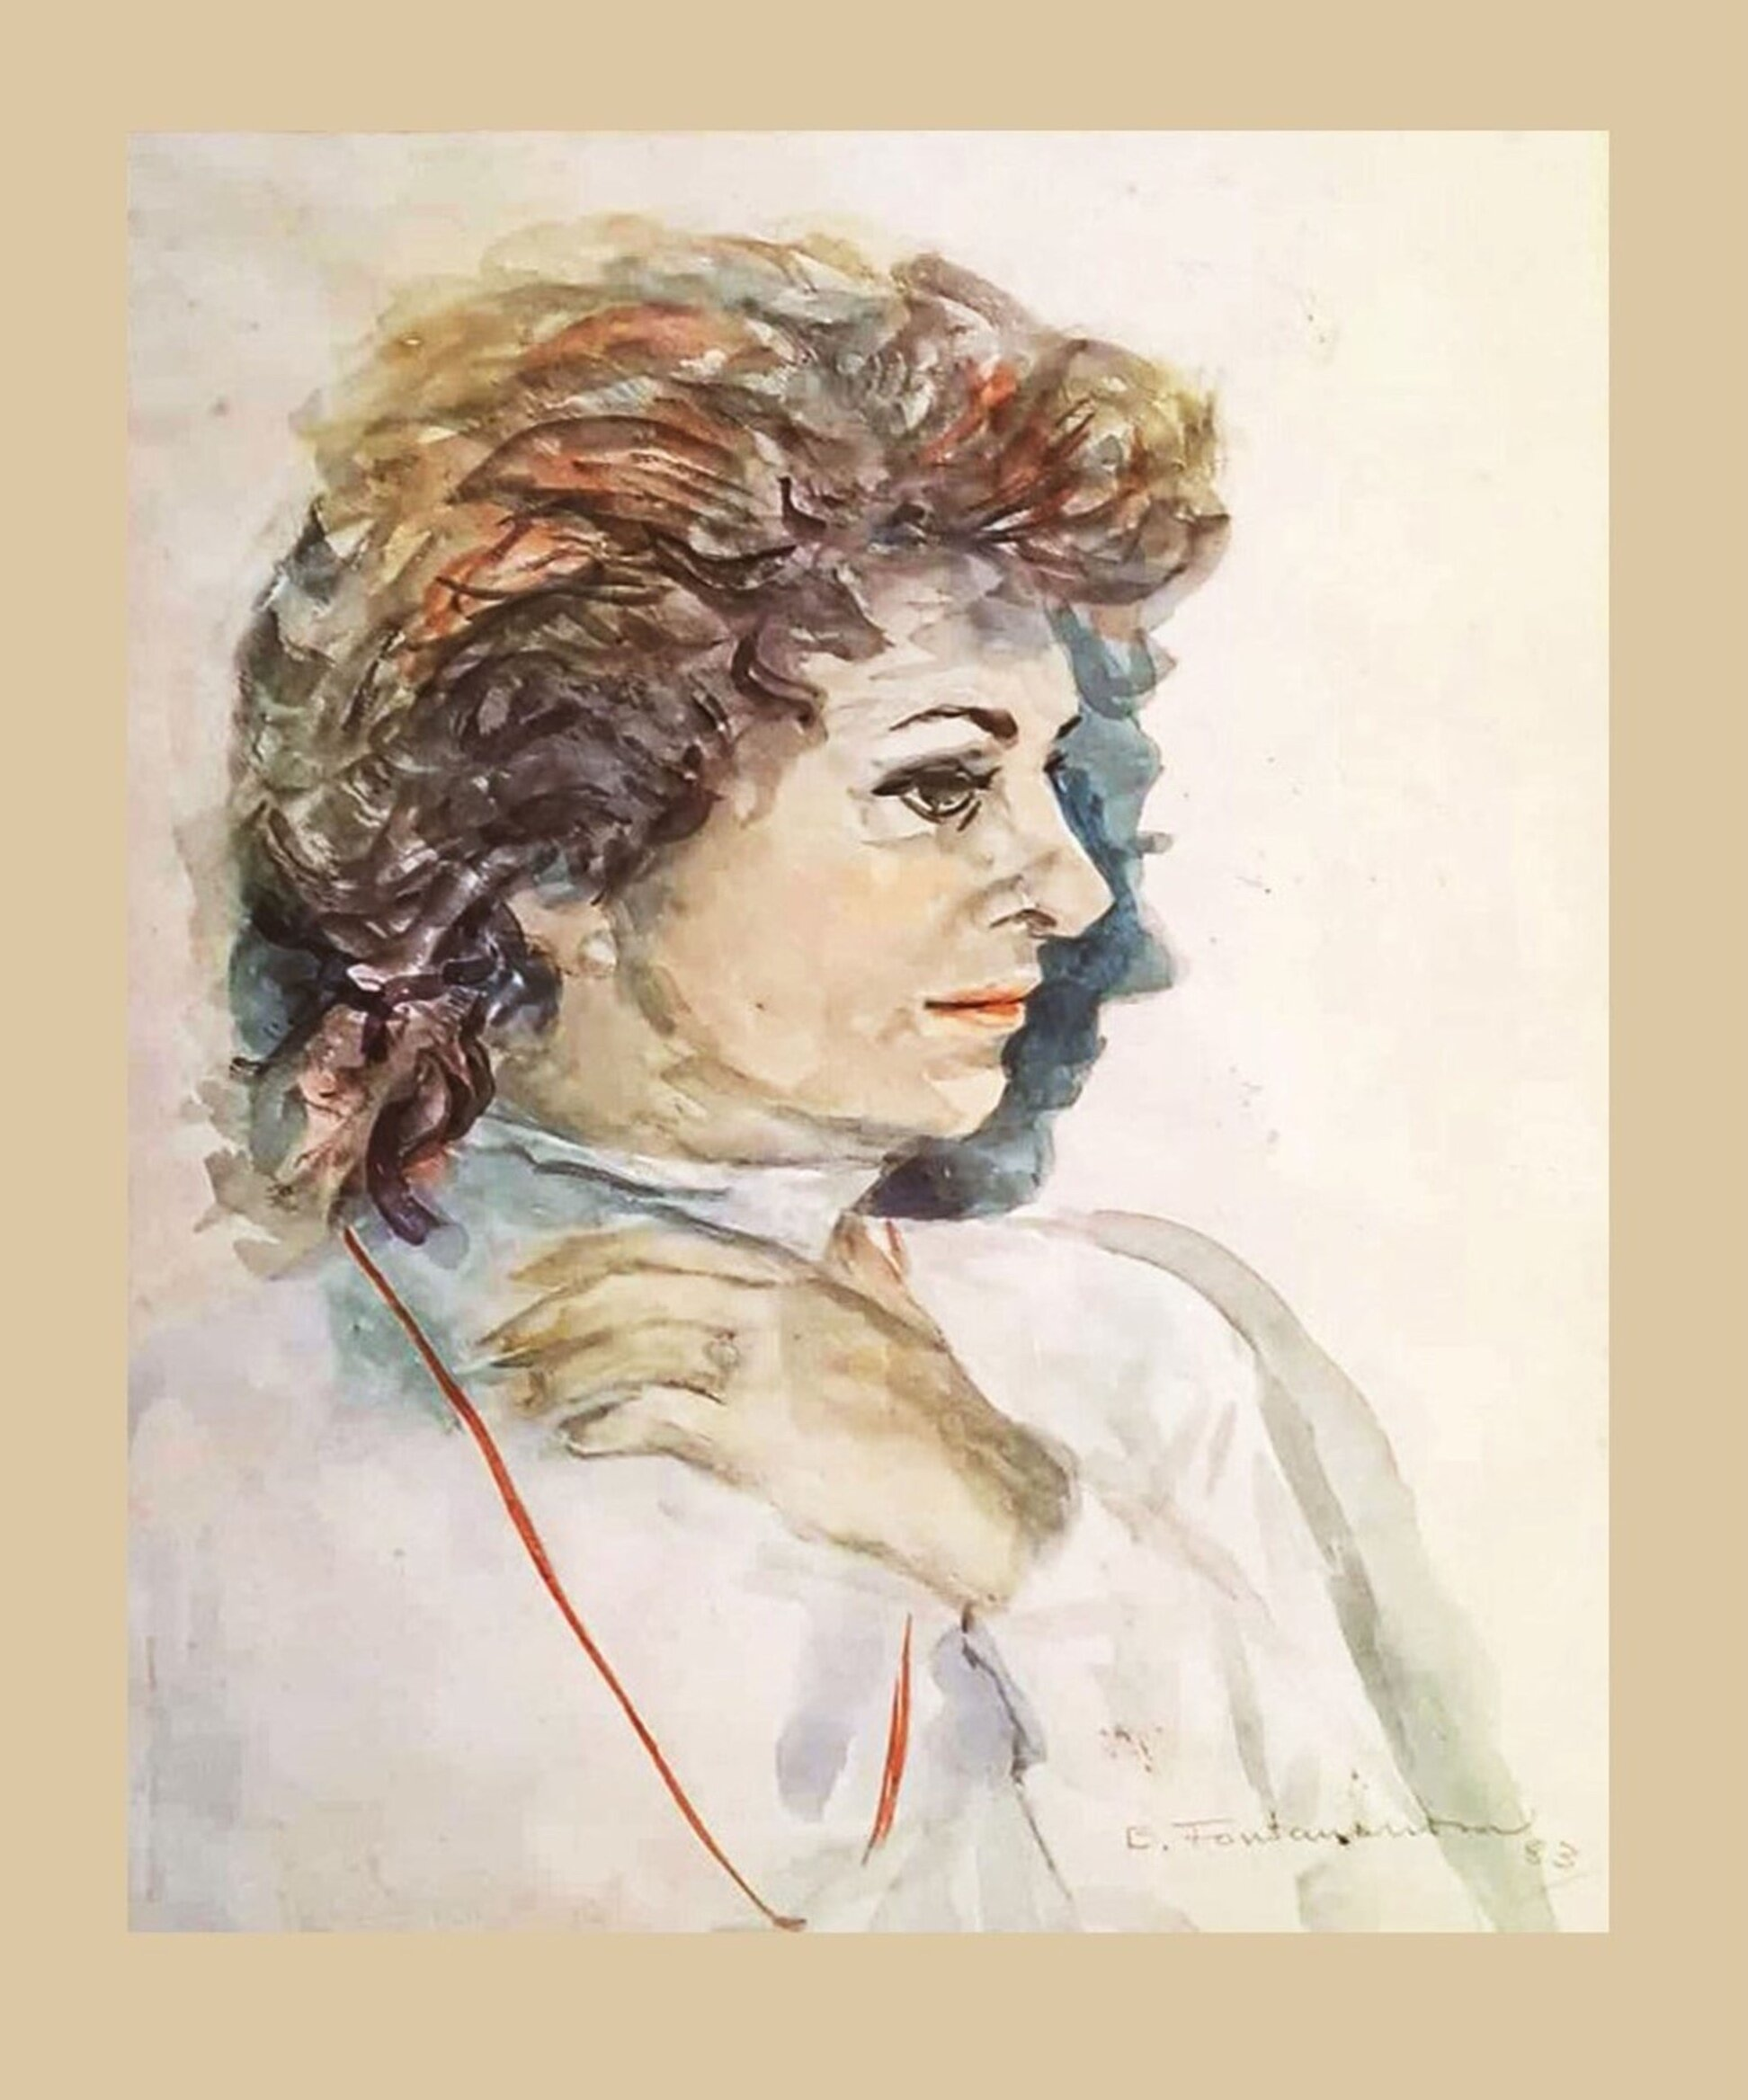 BLANCA FONTANARROSA, AUTORRETRATO, ACUARELA SOBRE PAPEL FABRIANO, 54 X 45 CM. 1983.jpg